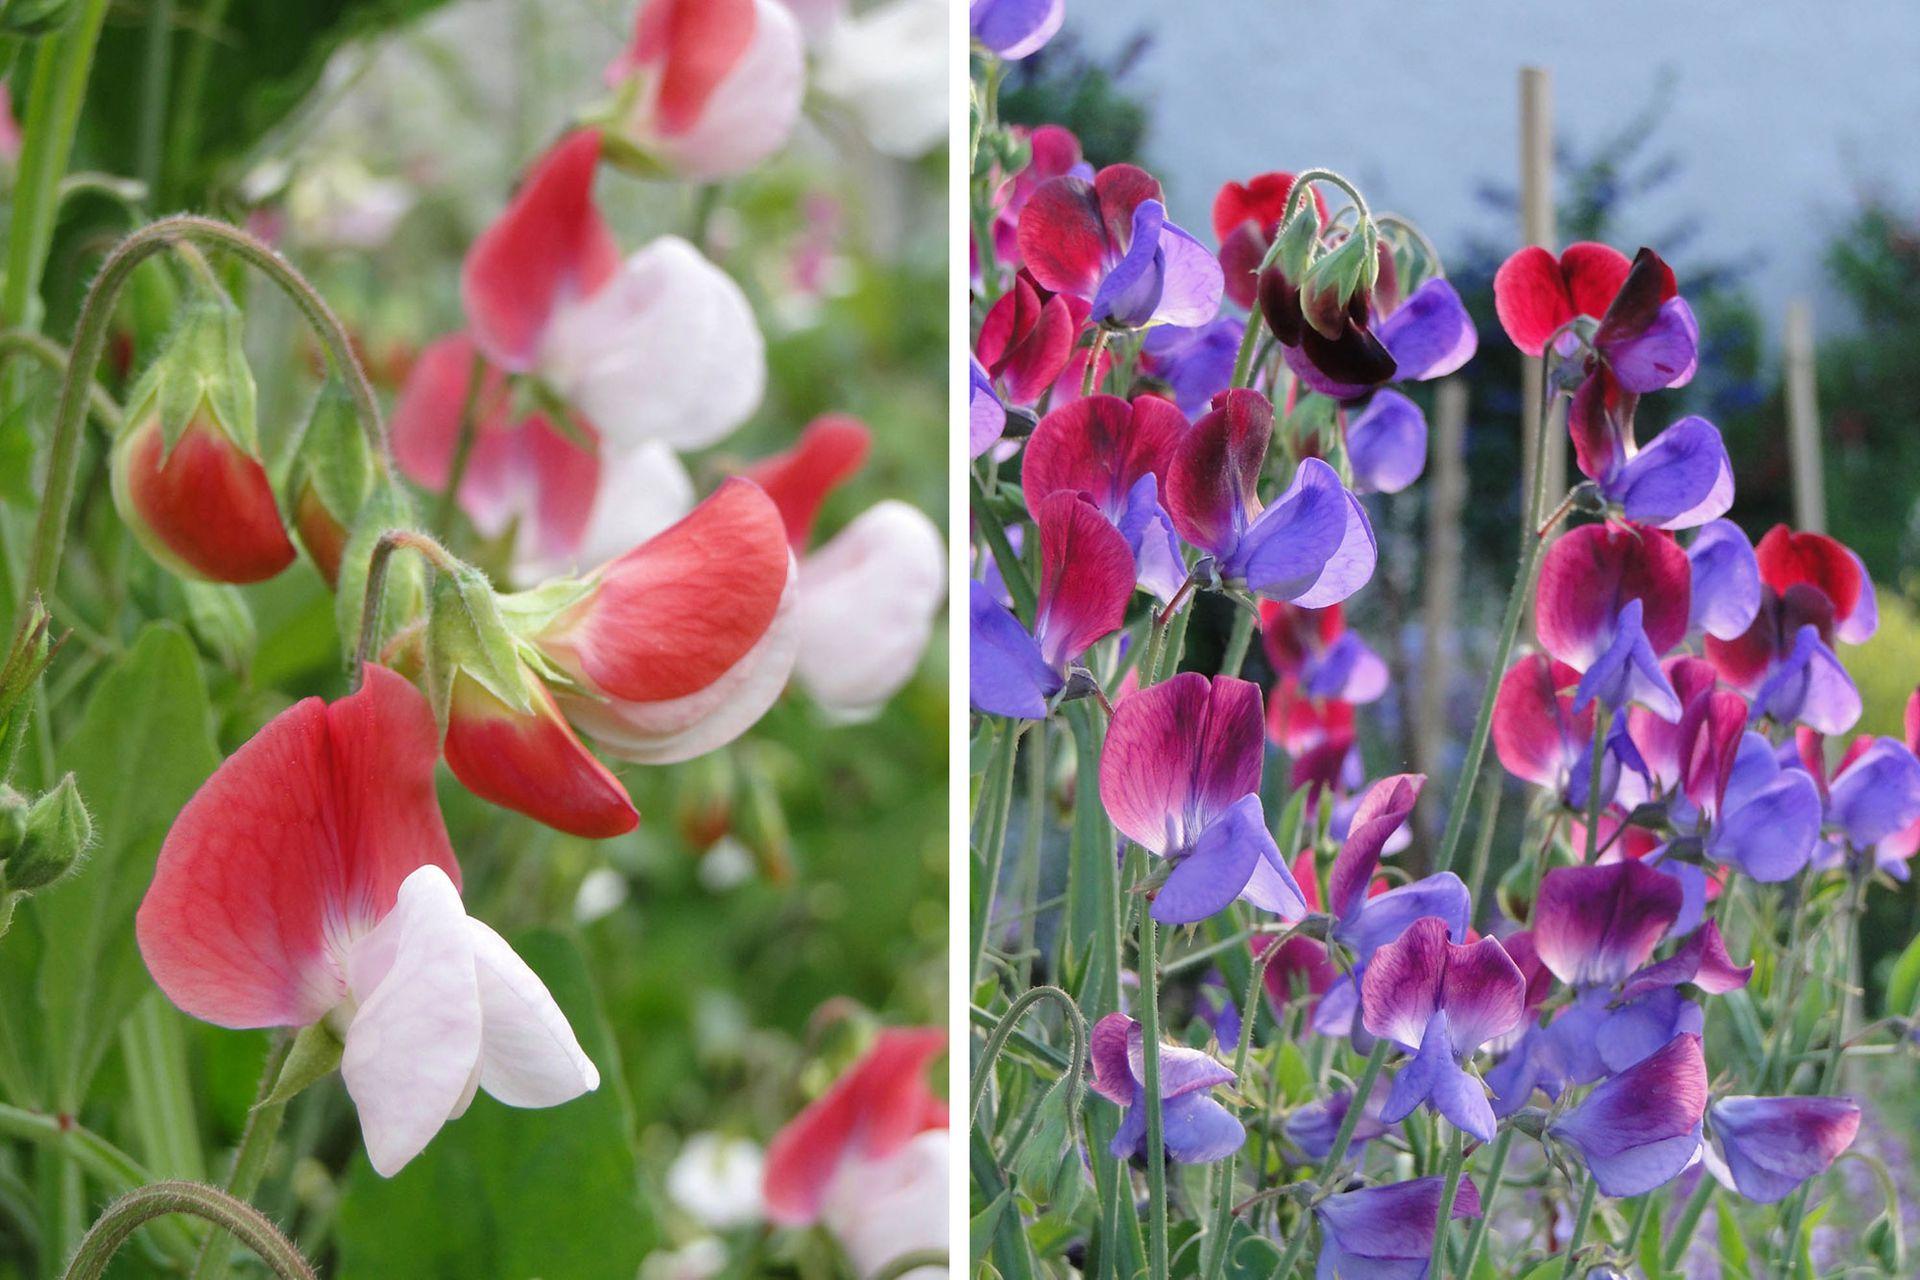 Arvejillas en distintos tonos. A la izquierda: flores bicolores de Lathyrus odoratus 'Painted Lady' (Grandiflora). A la derecha: Lathyrus odoratus 'Cupani' (Grandiflora).